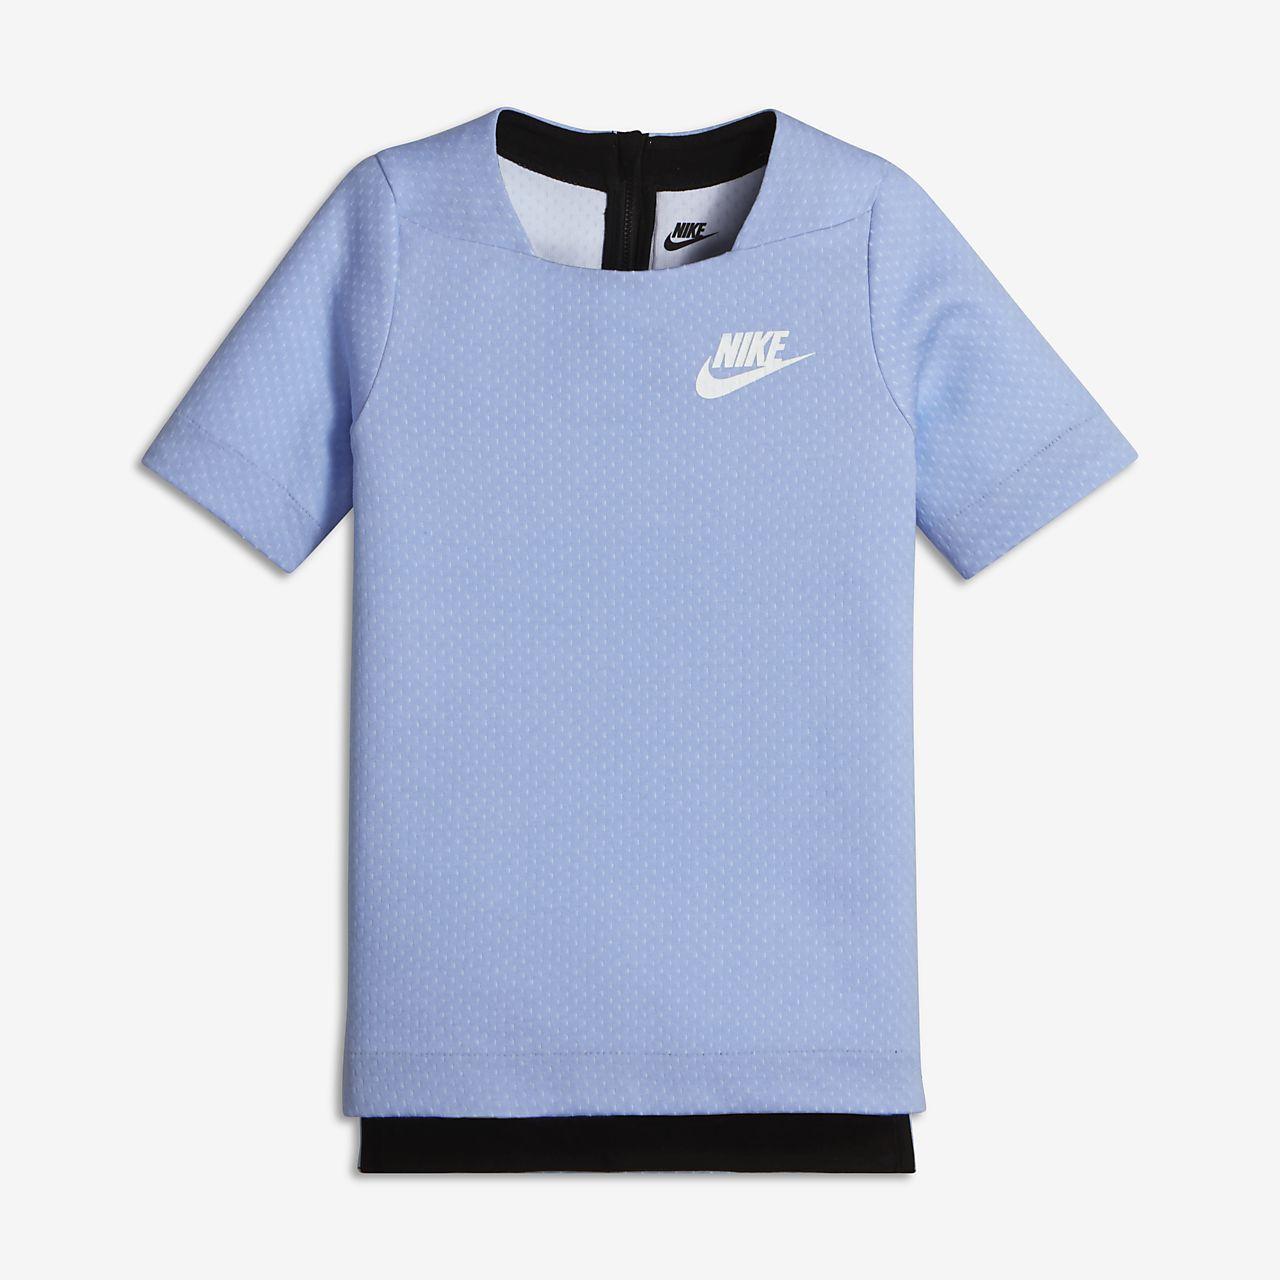 Nike Sportswear Tech Fleece Big Kids' Short Sleeve Tops Aluminum/White